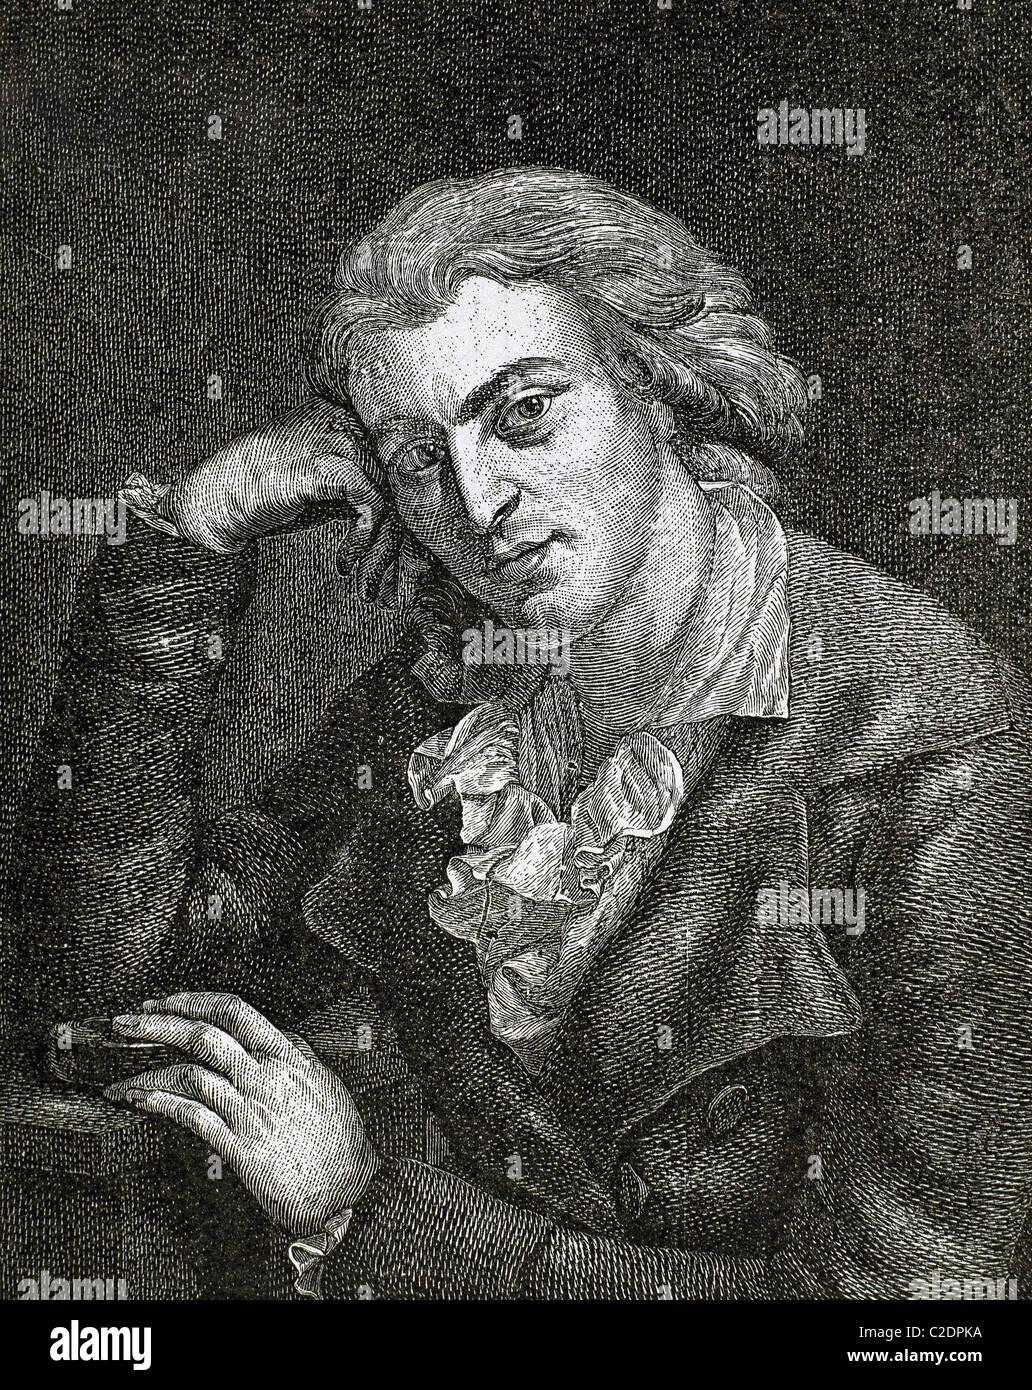 SCHILLER, Johann Christoph Friedrich von (Marbach 1759-Weimar, 1805). German writer. Colored engraving. - Stock Image